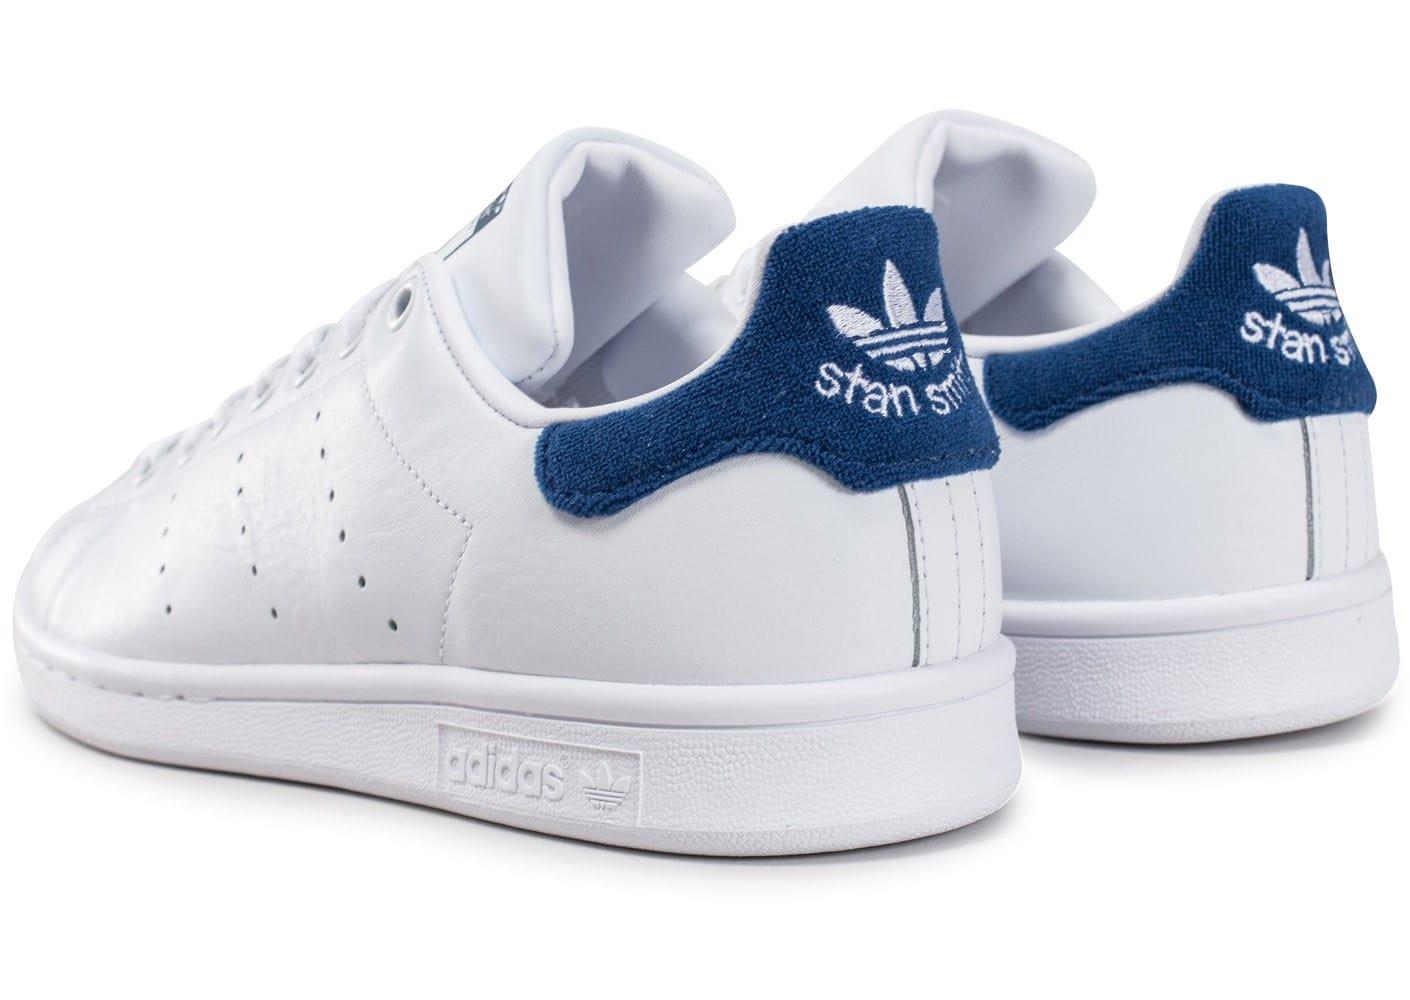 plus de photos 2c591 f7bb8 Achetez élégant adidas stan smith blanc bleu marine pas cher ...